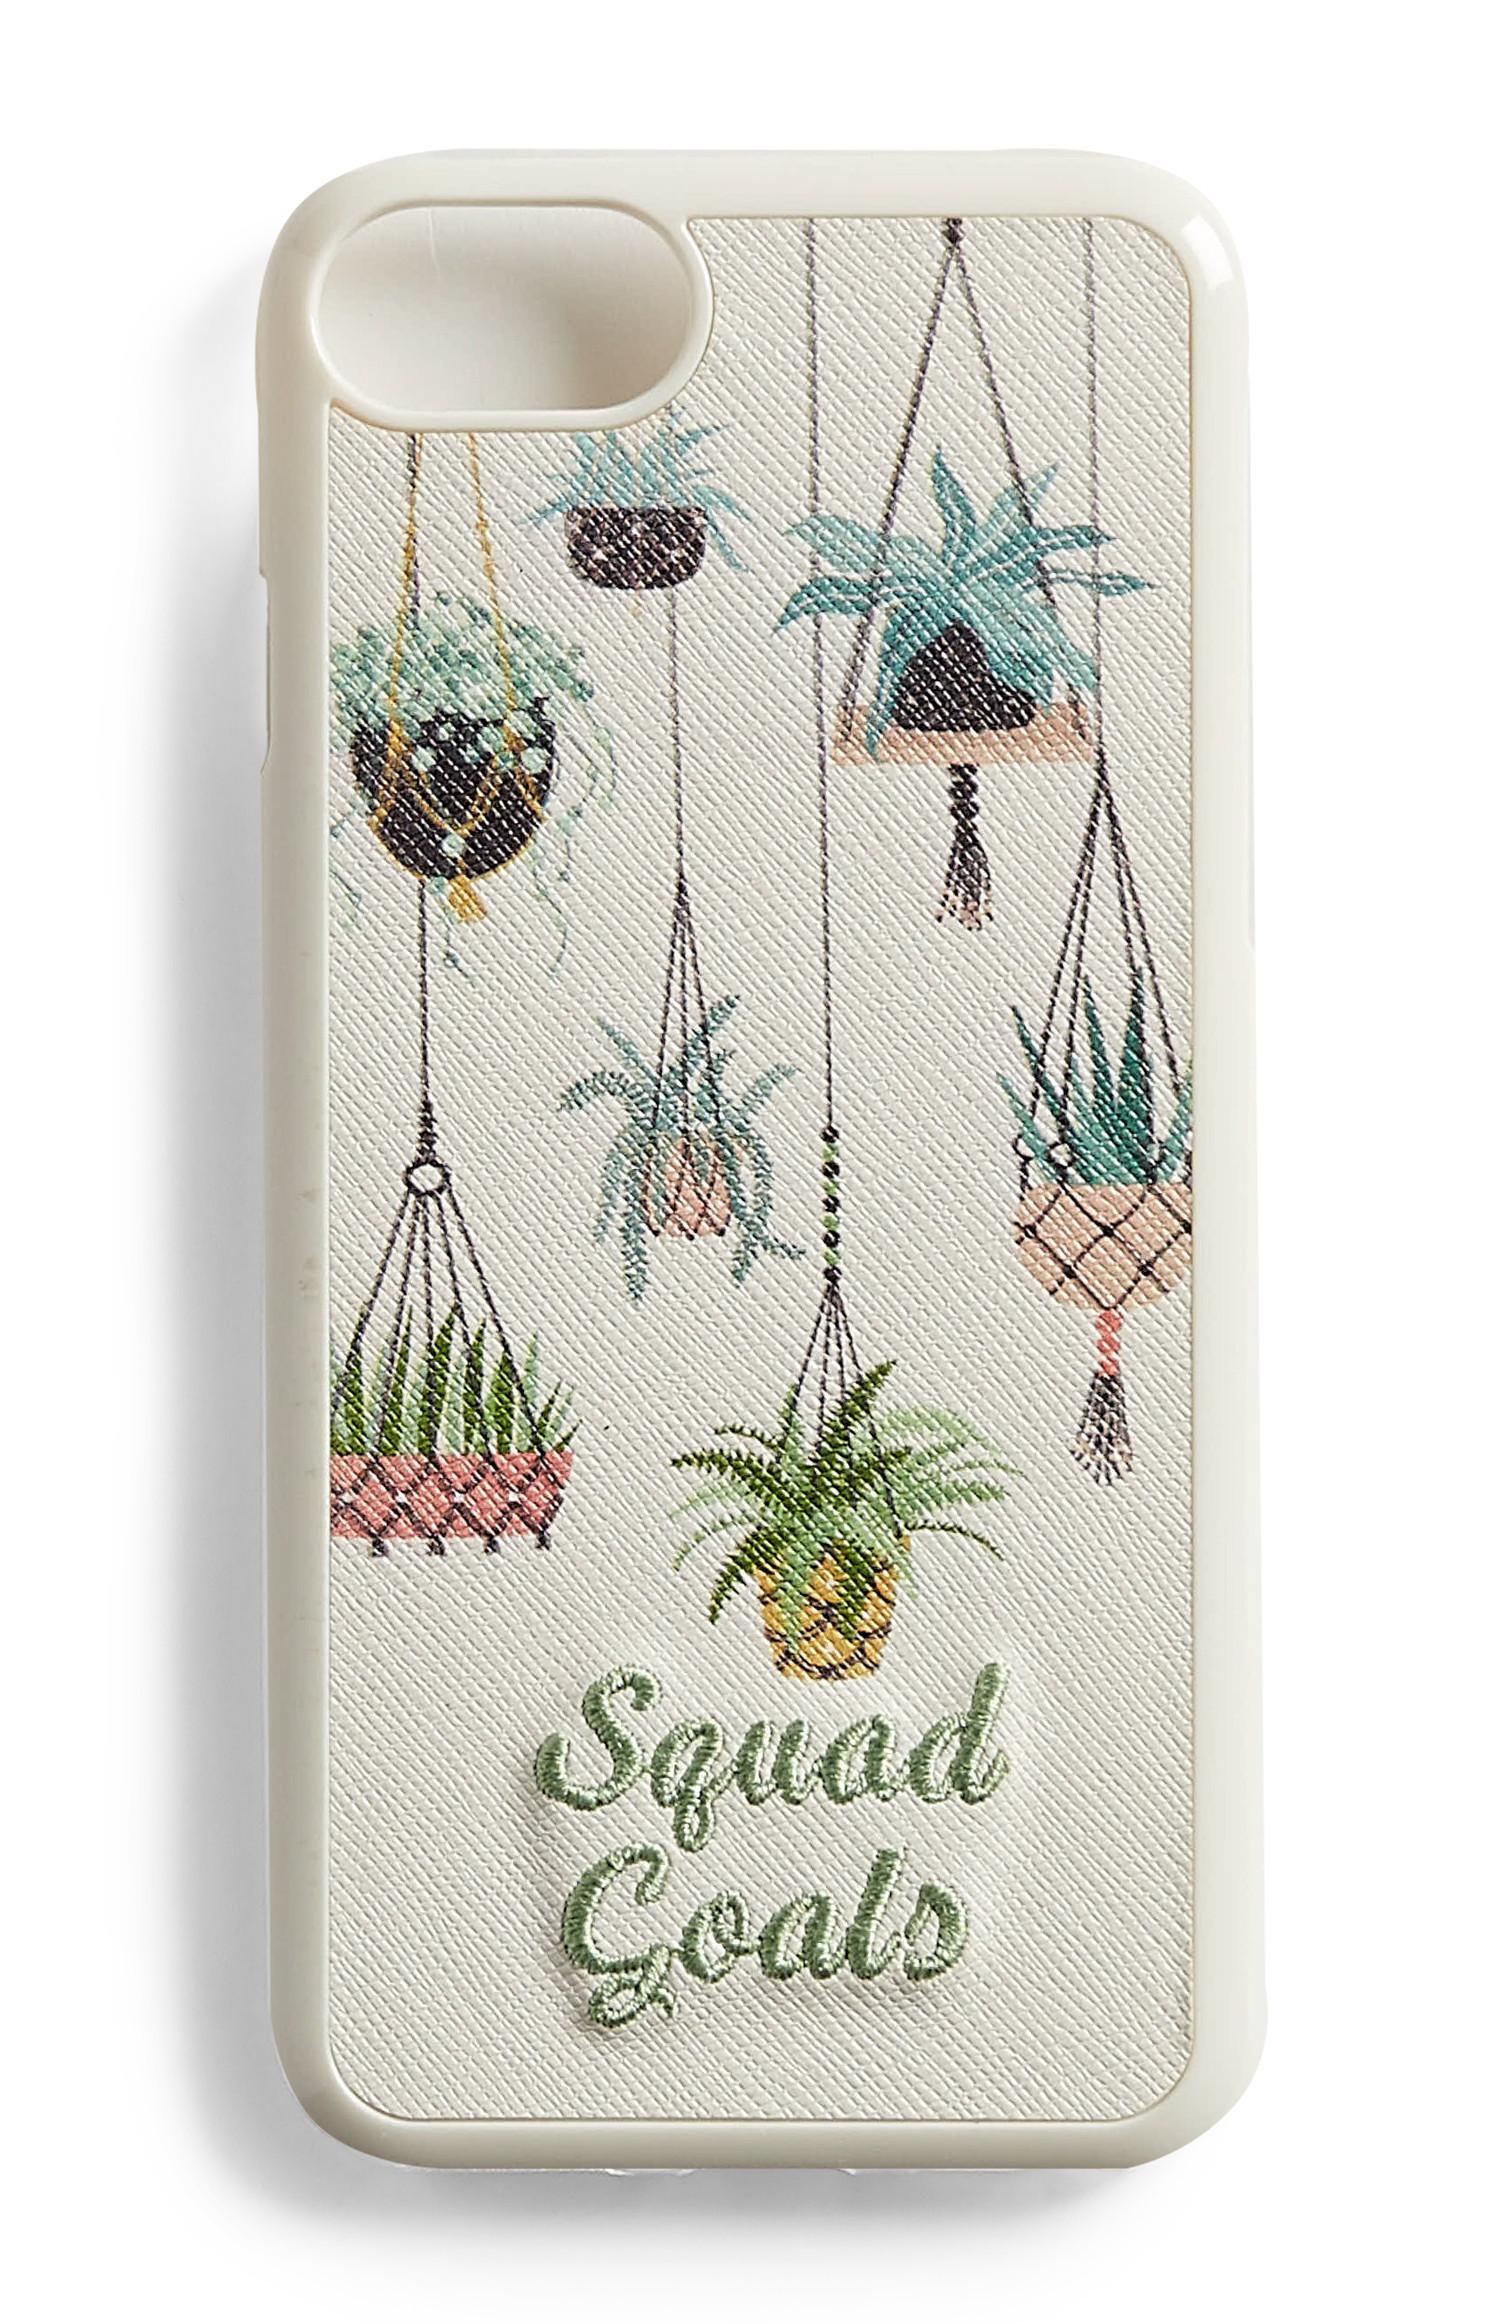 Squad Goals Phone Case